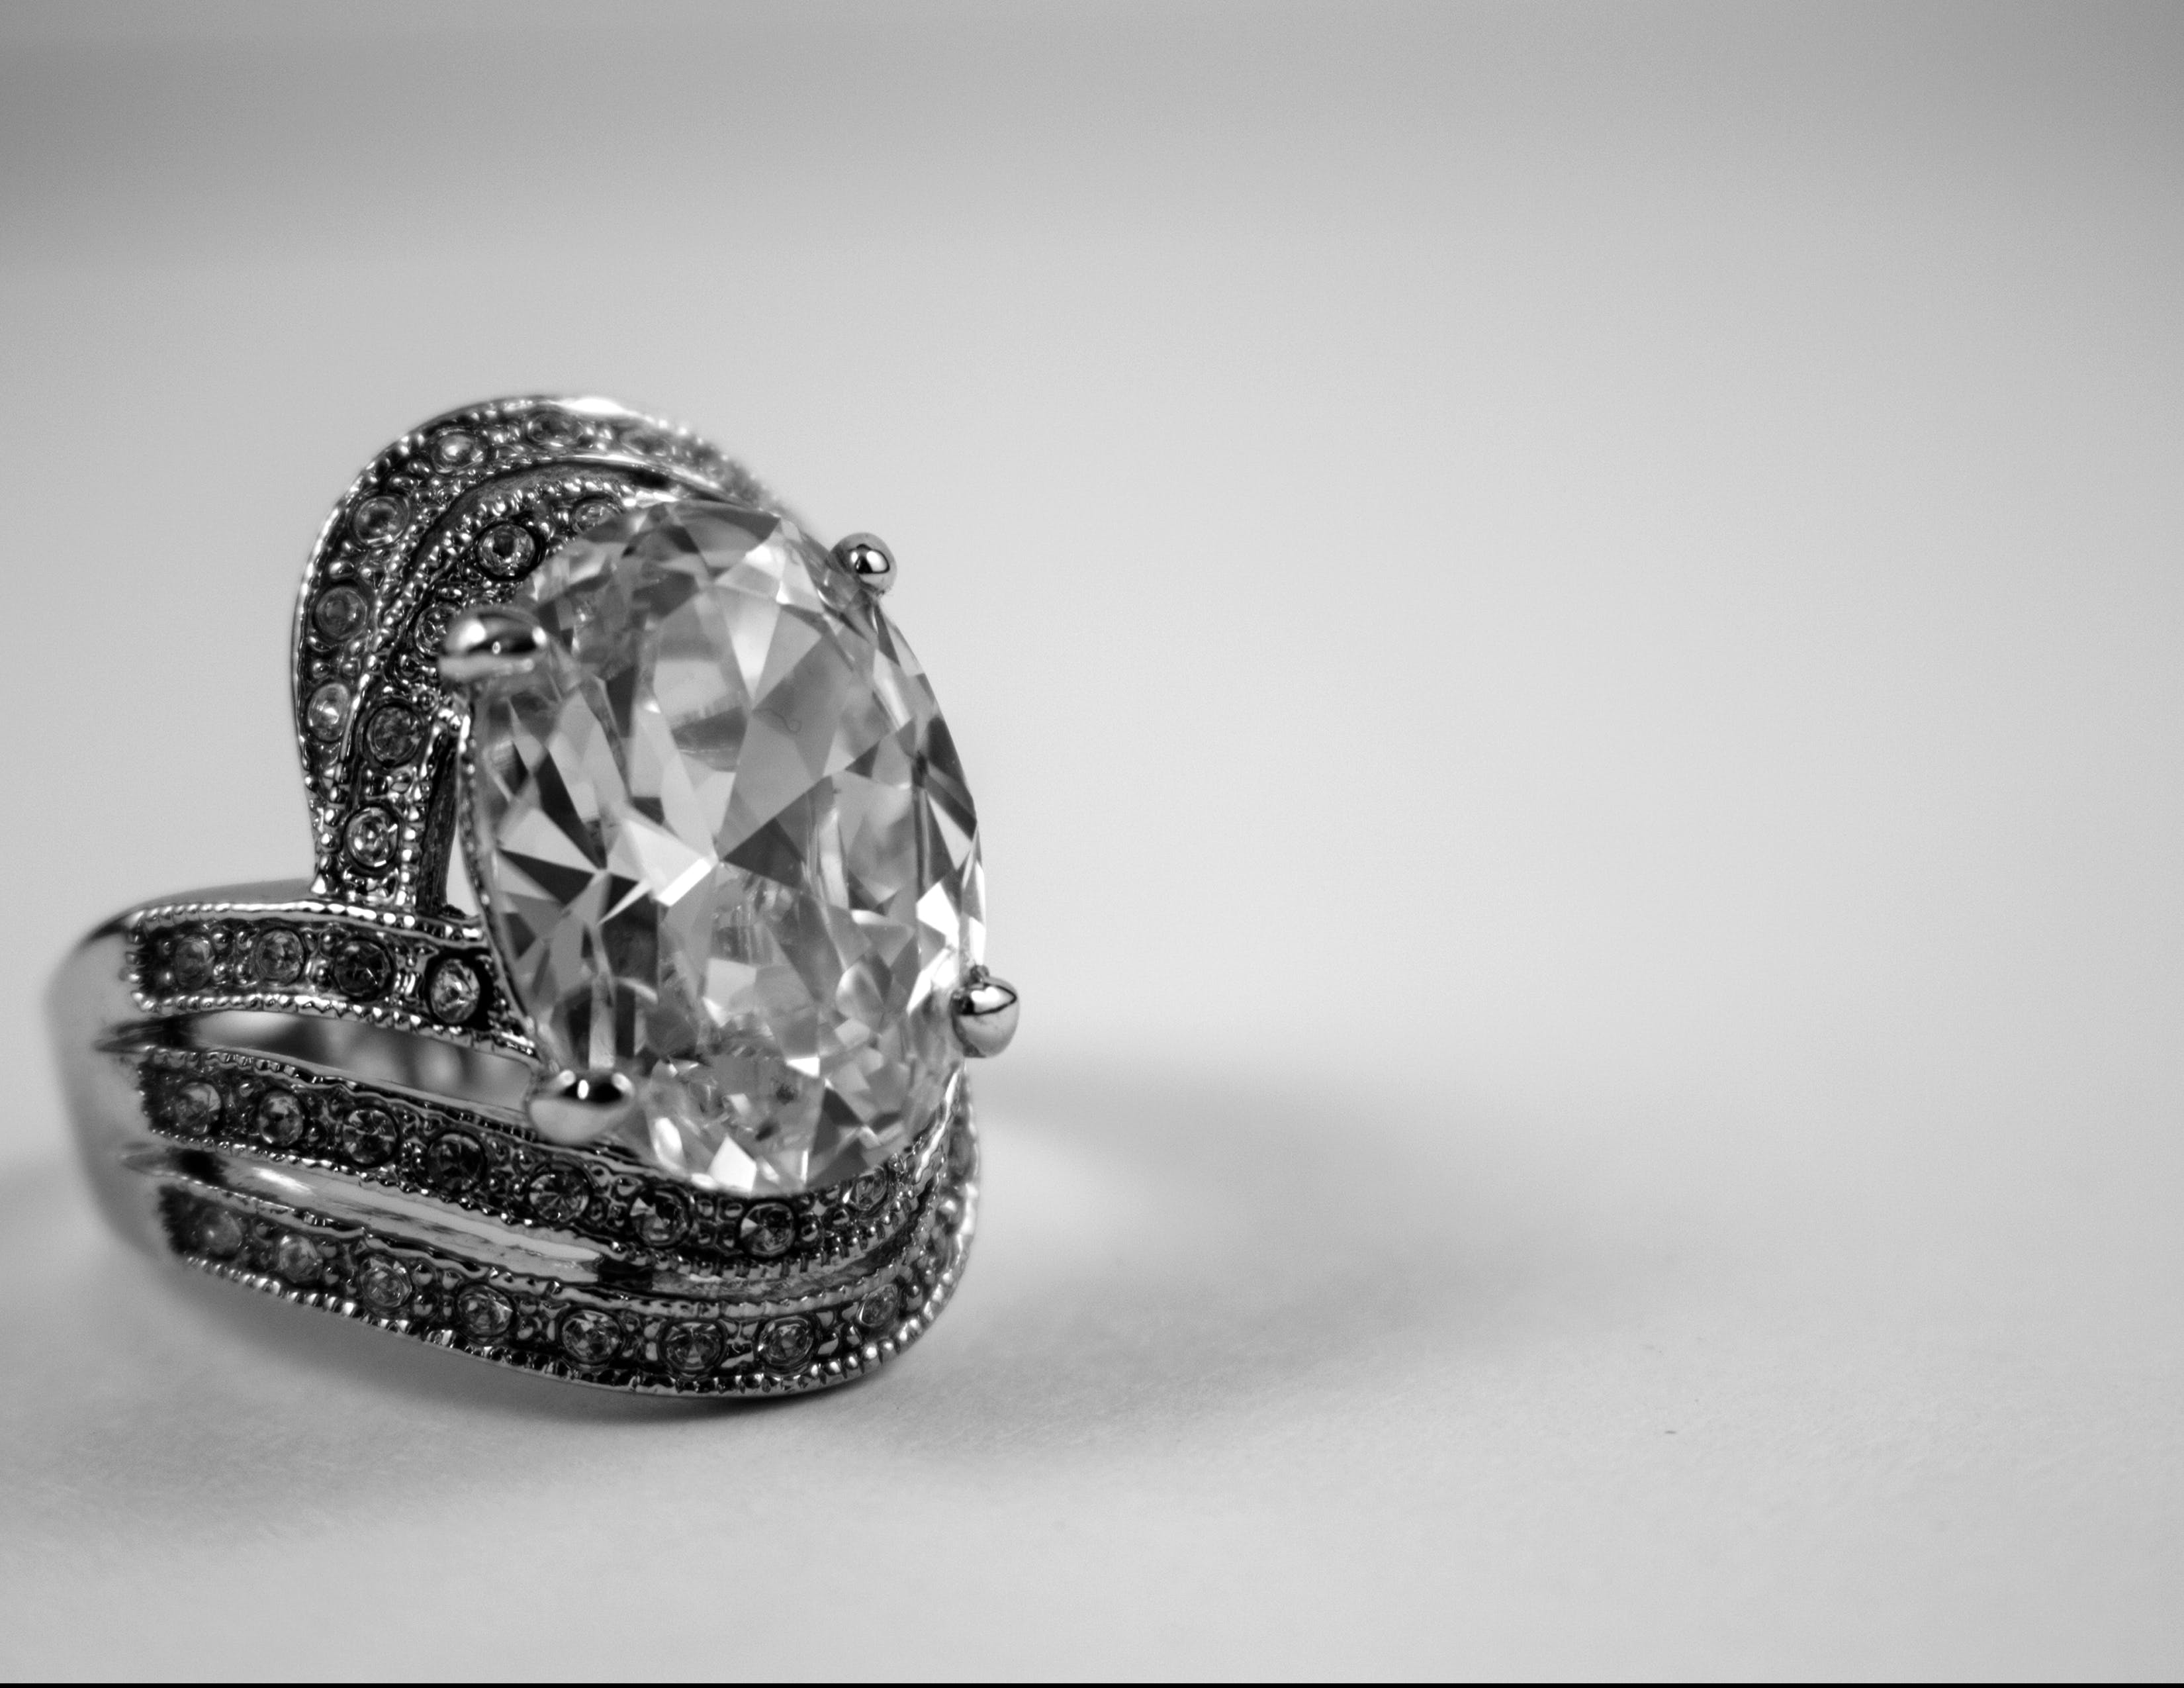 Diamond Silver-colored Ring